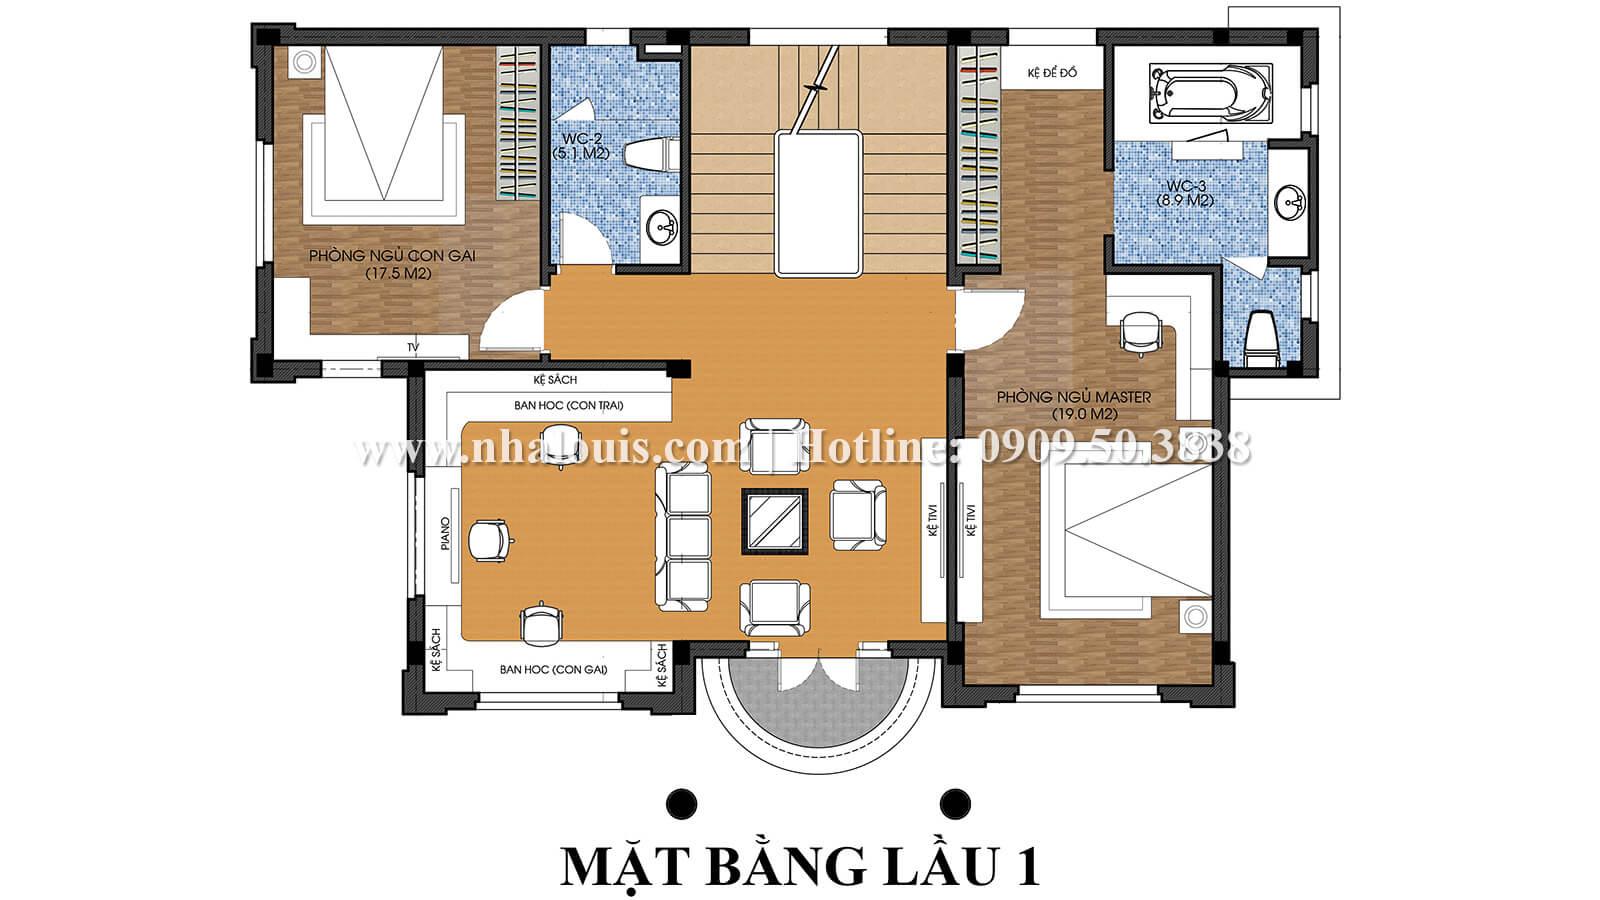 Mặt bằng lầu 1 Thiết kế nội thất biệt thự hiện đại đẹp 3 tầng tại Vũng Tàu